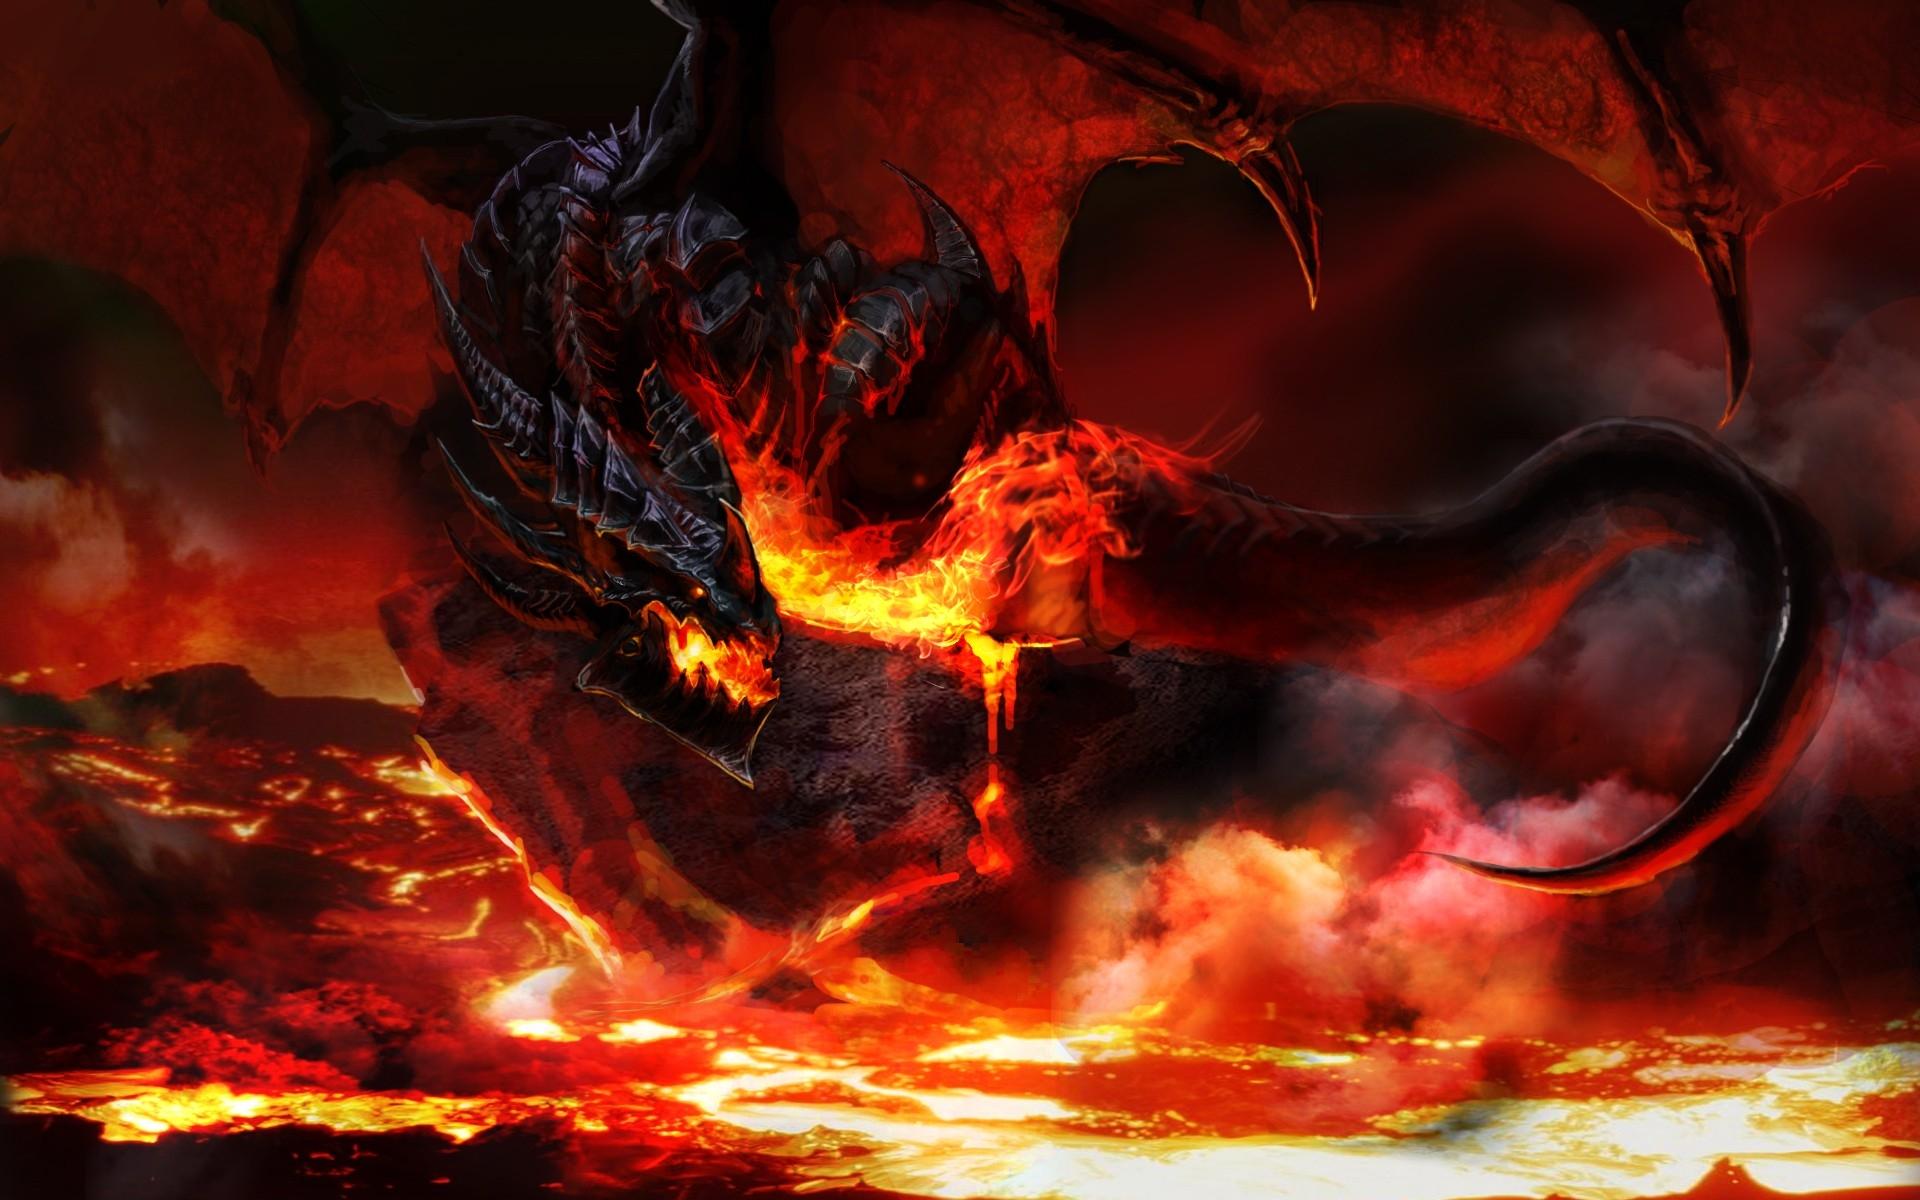 Black Dragon Fire - wallpaper